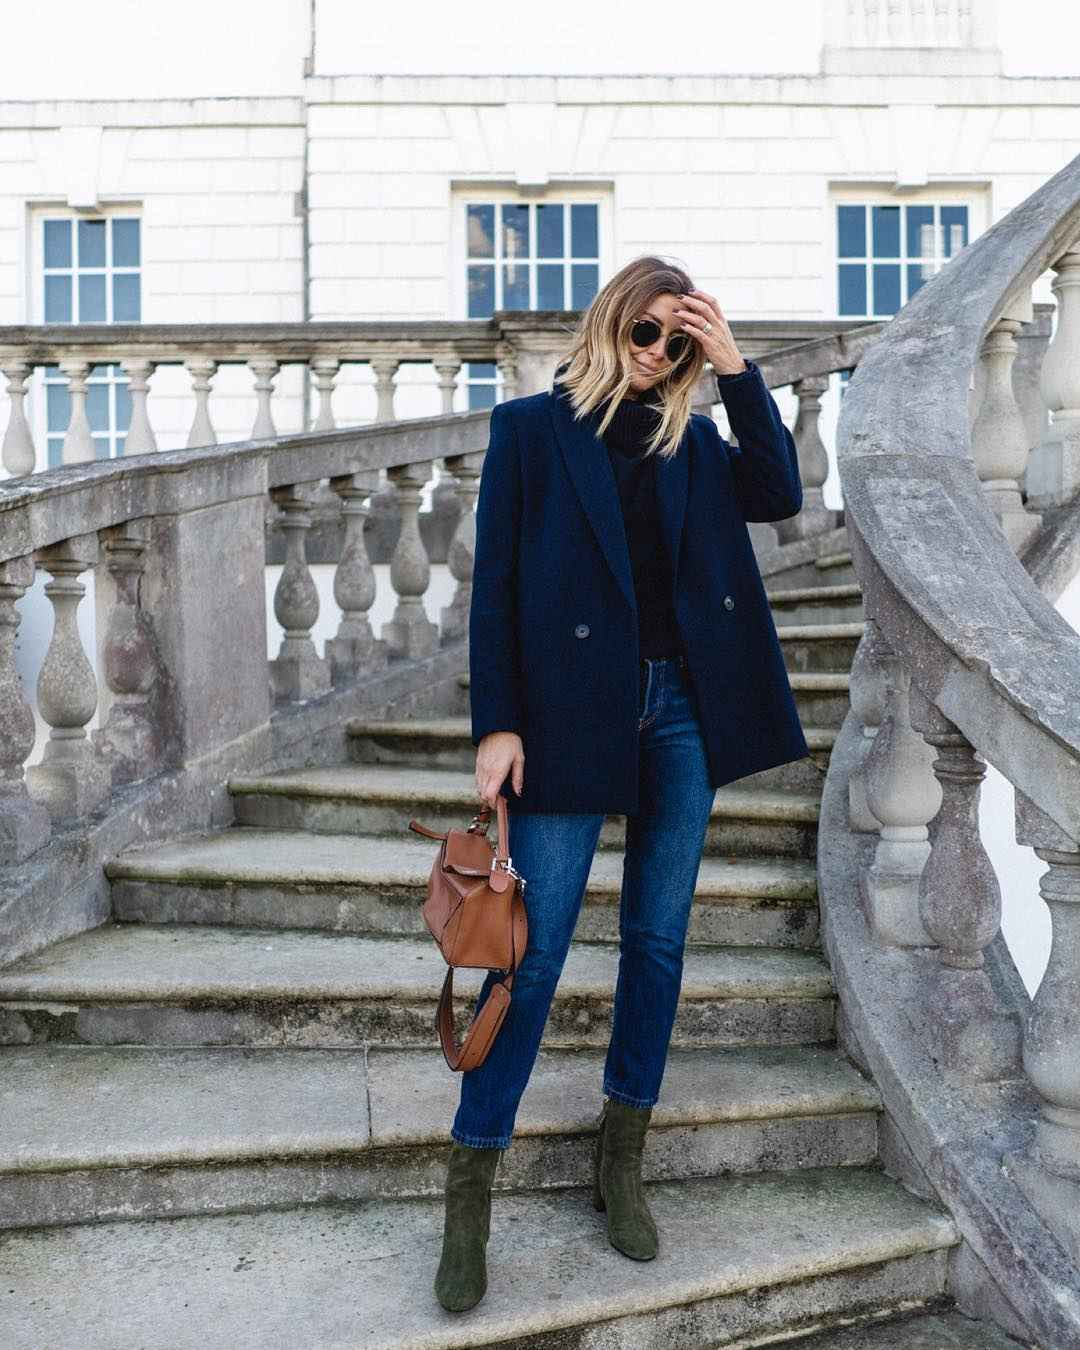 Деловой стиль 2019-2020 с джинсами фото идеи_7